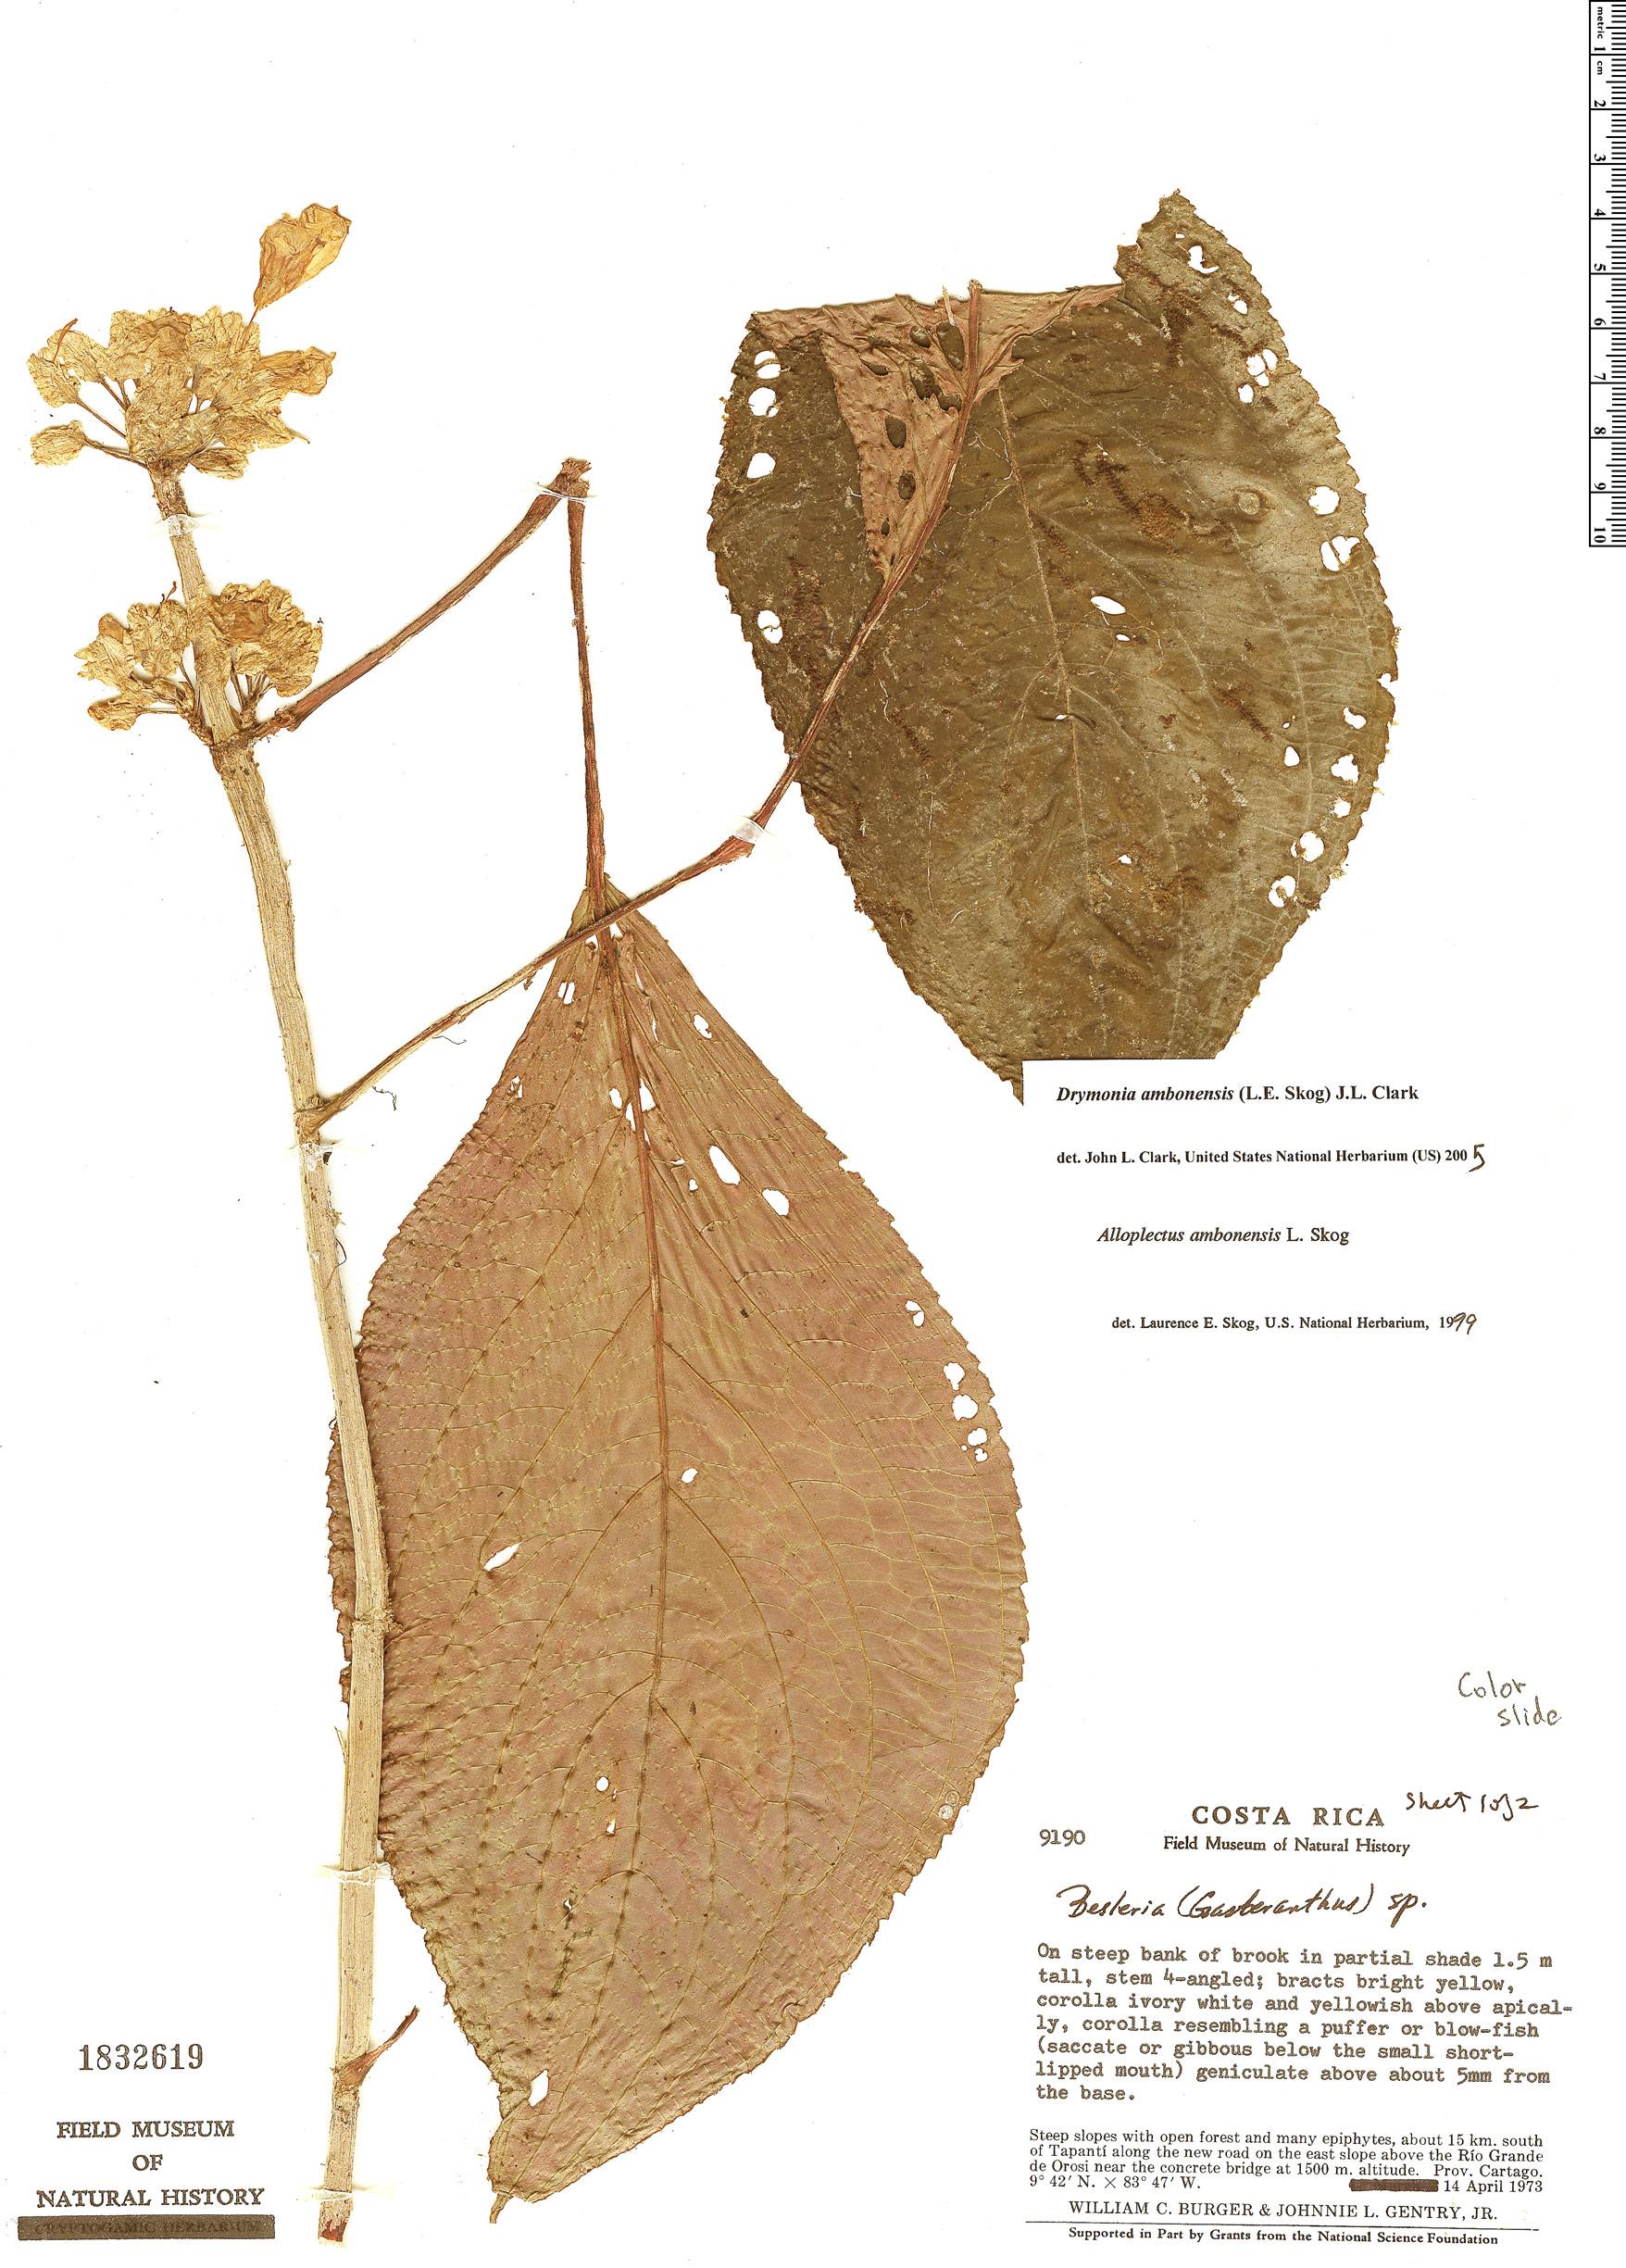 Specimen: Drymonia ambonensis